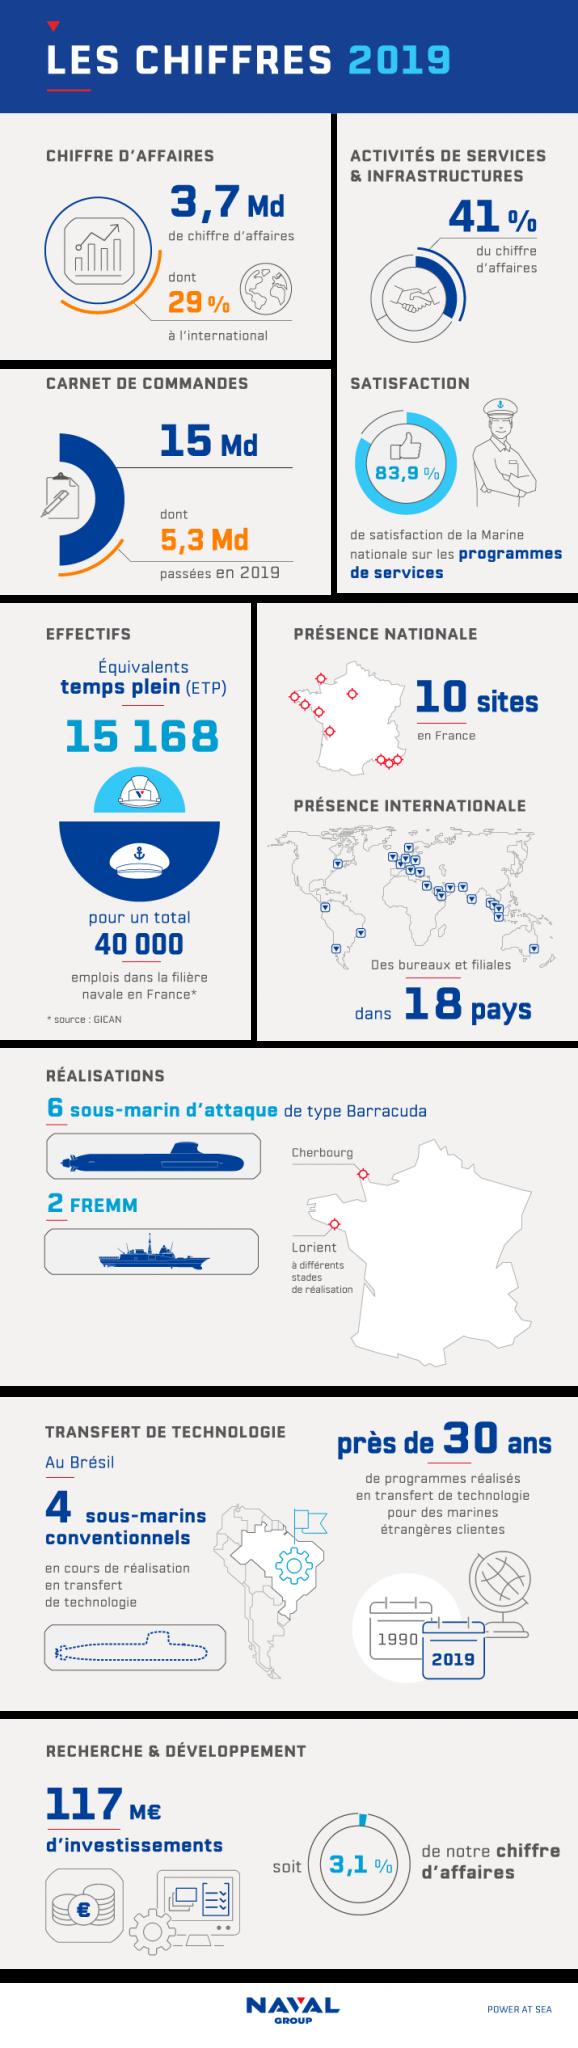 Les chiffres clés de Naval Group pour réussir son entretien d'embauche